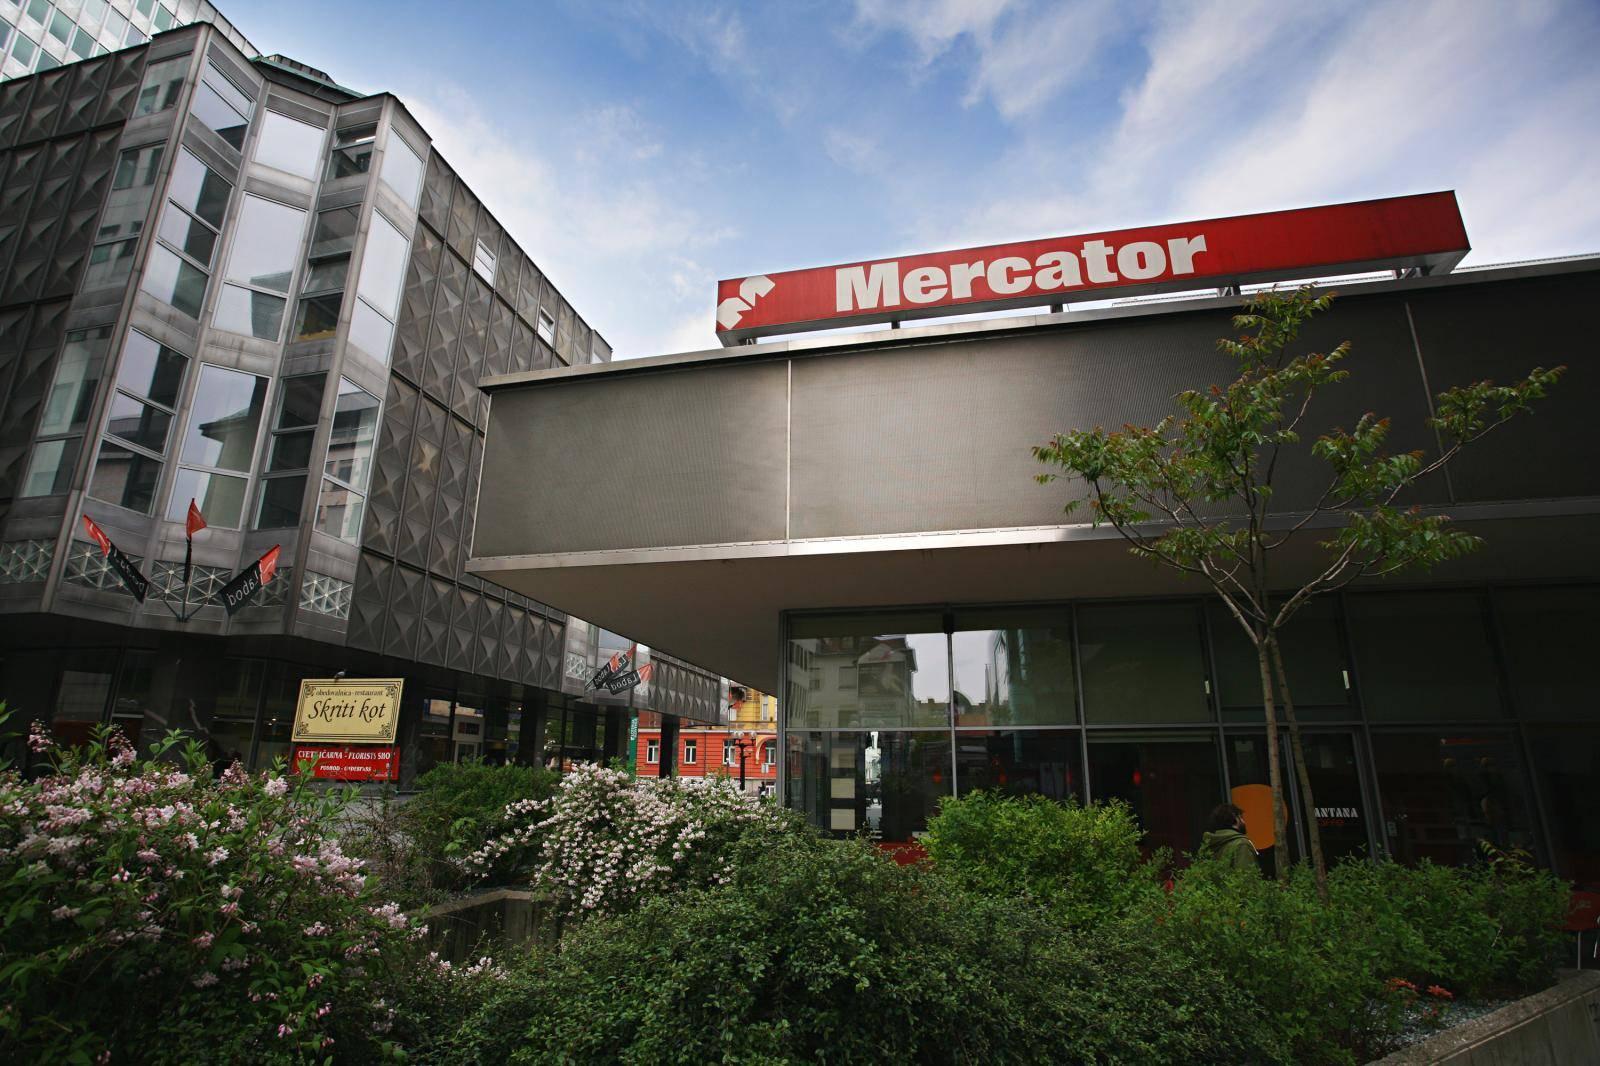 Slovenski ustavni sud odbio je žalbu Agrokora na zapljenu dionica Mercatora